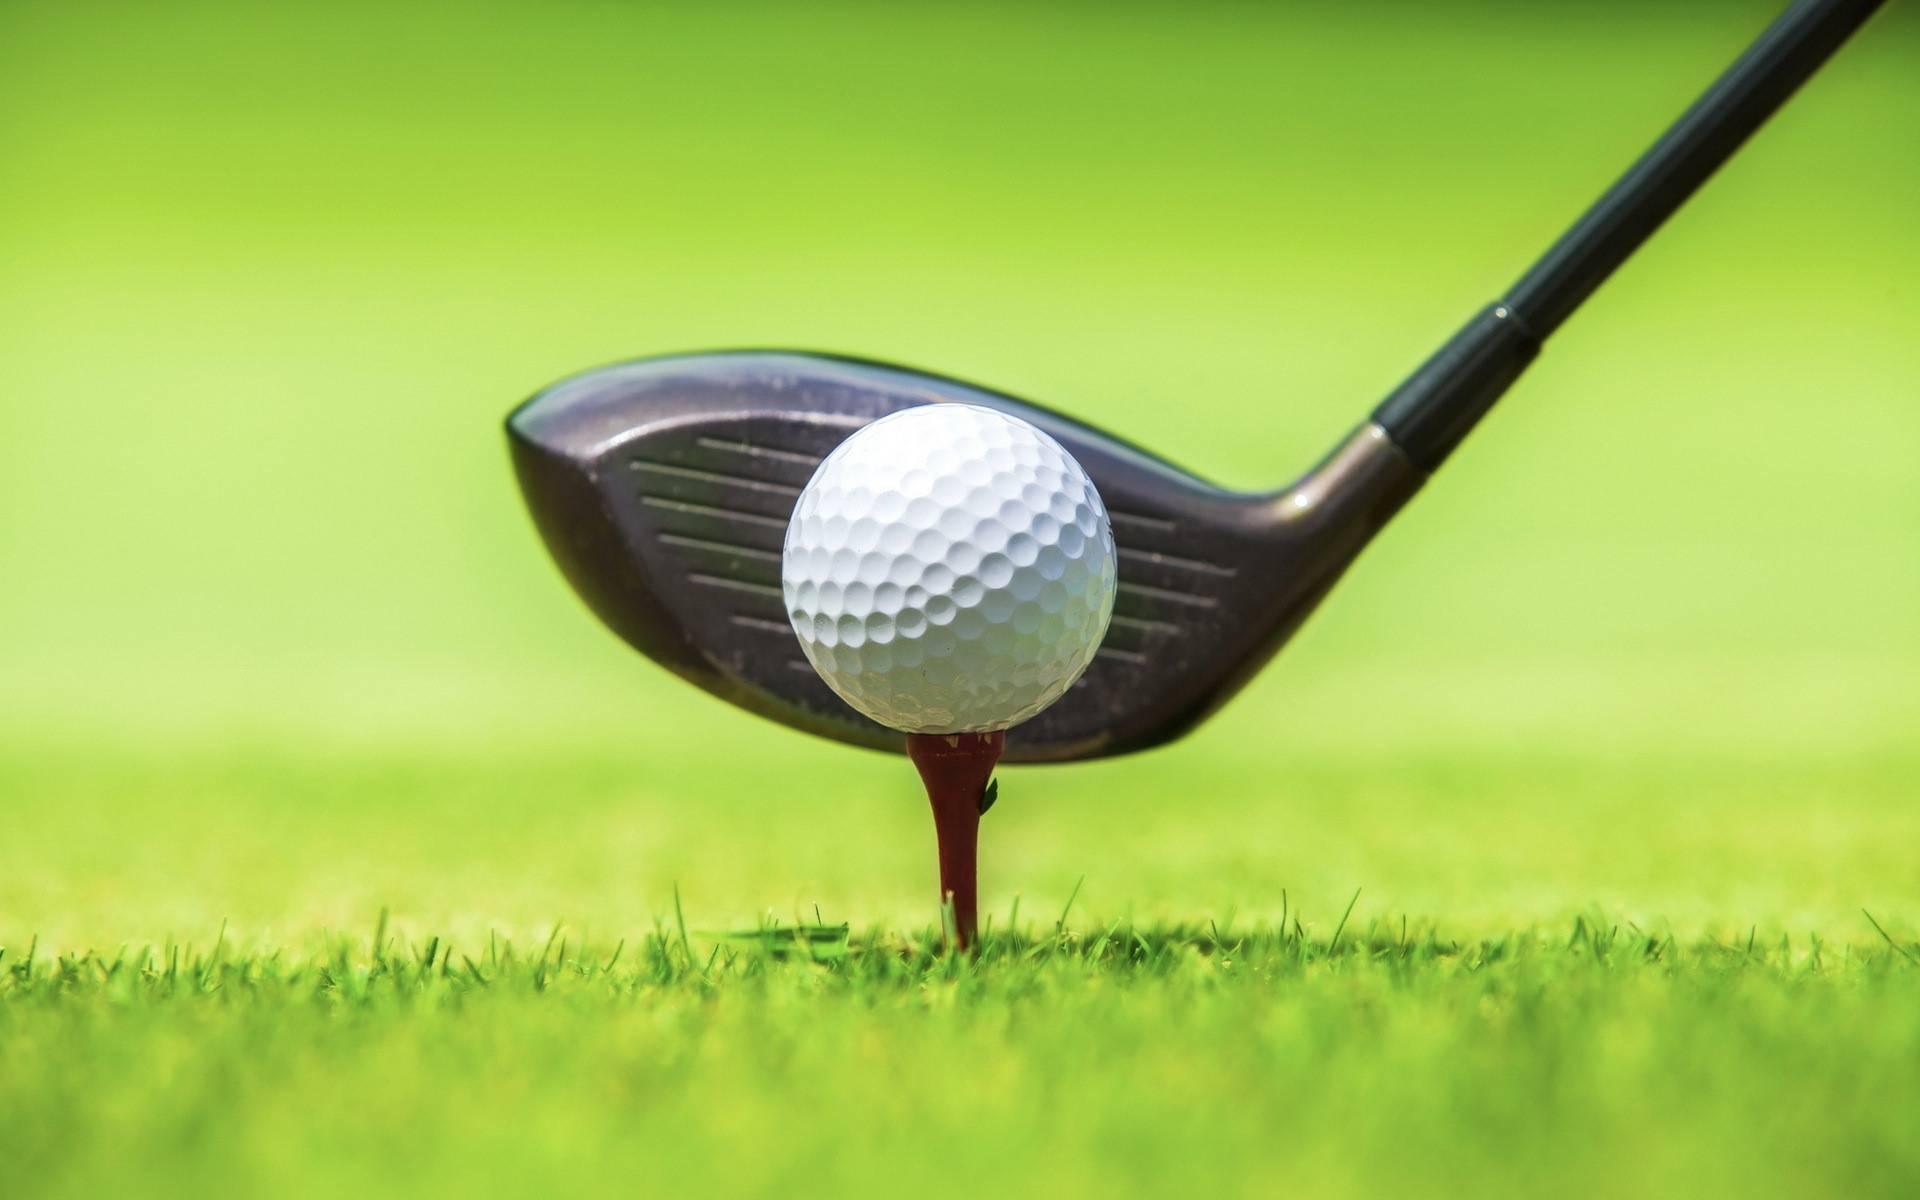 обои гольф, клюшка, мяч, подставка картинки фото